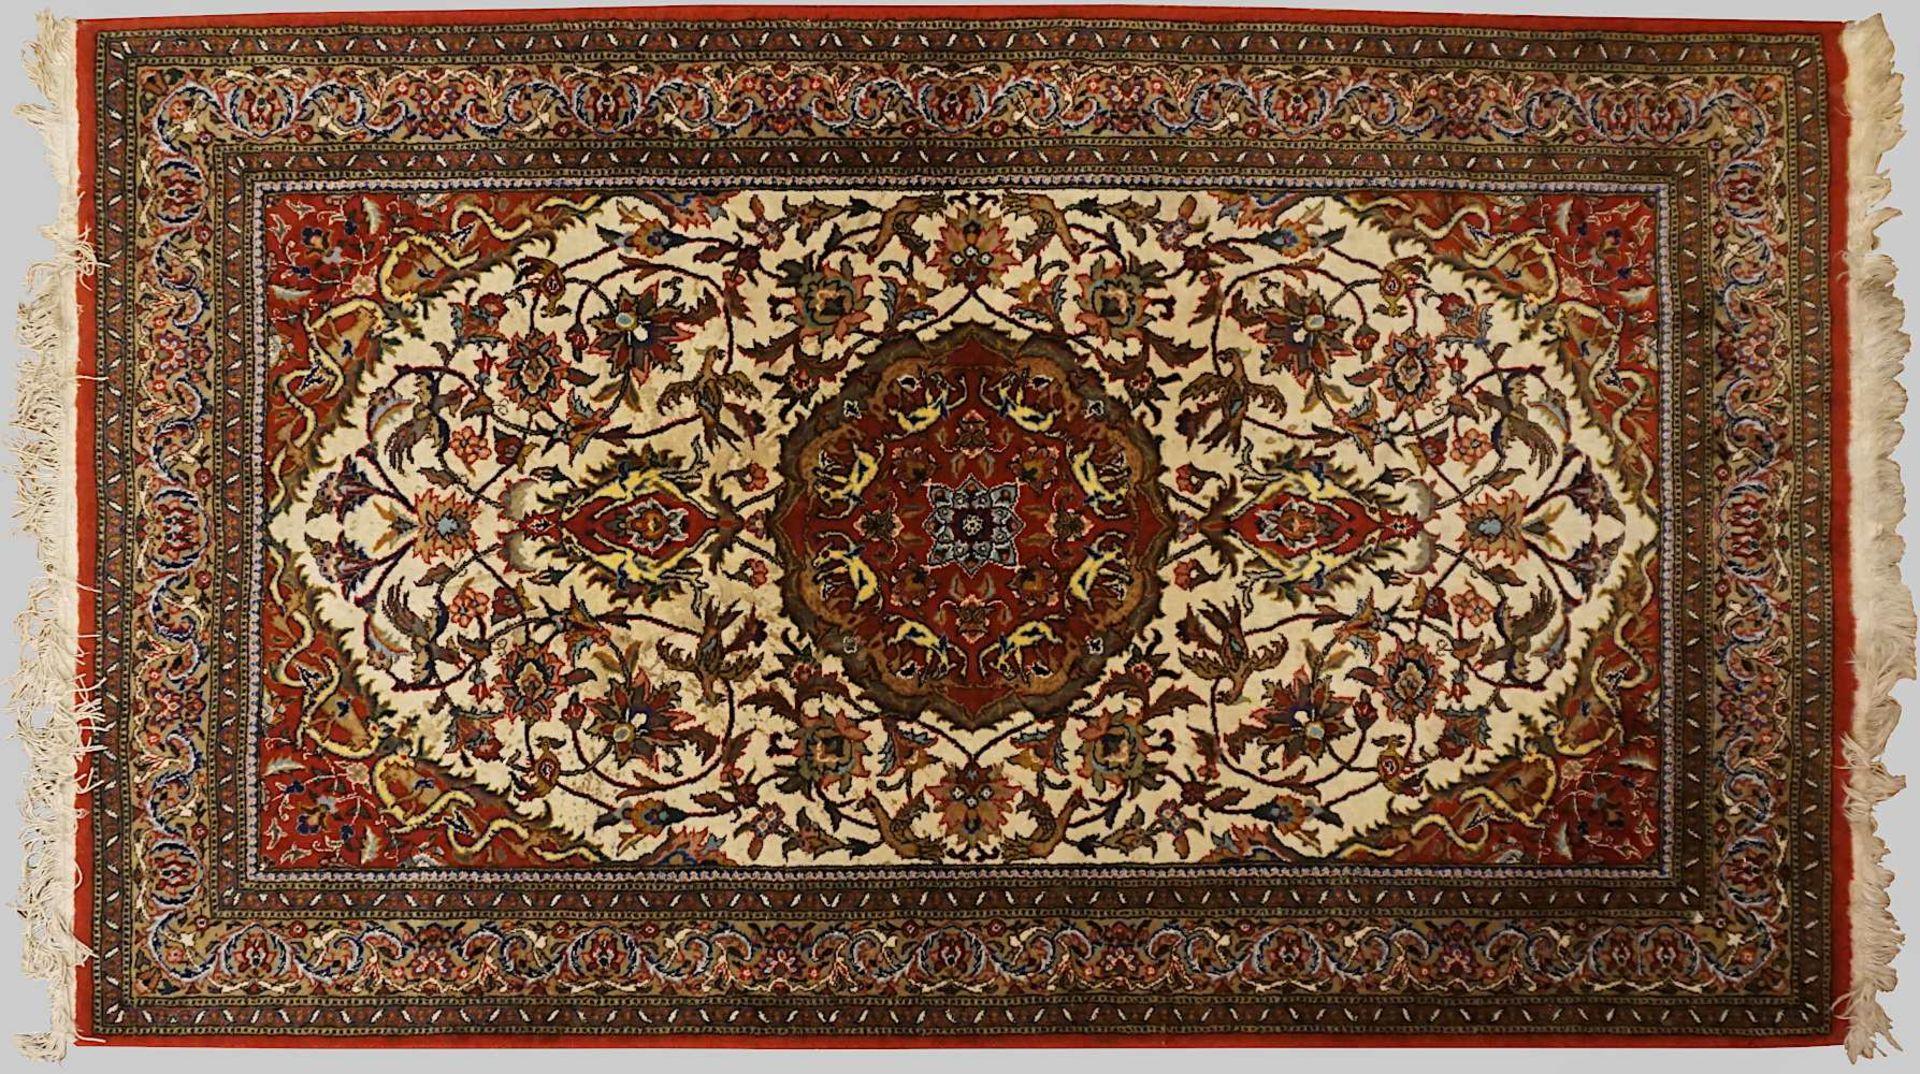 1 Konv. Orientteppiche/-brücken z.T. wohl ISFAHAN, Ägypten, 20. Jh. Mittelfeld beige - Bild 3 aus 3